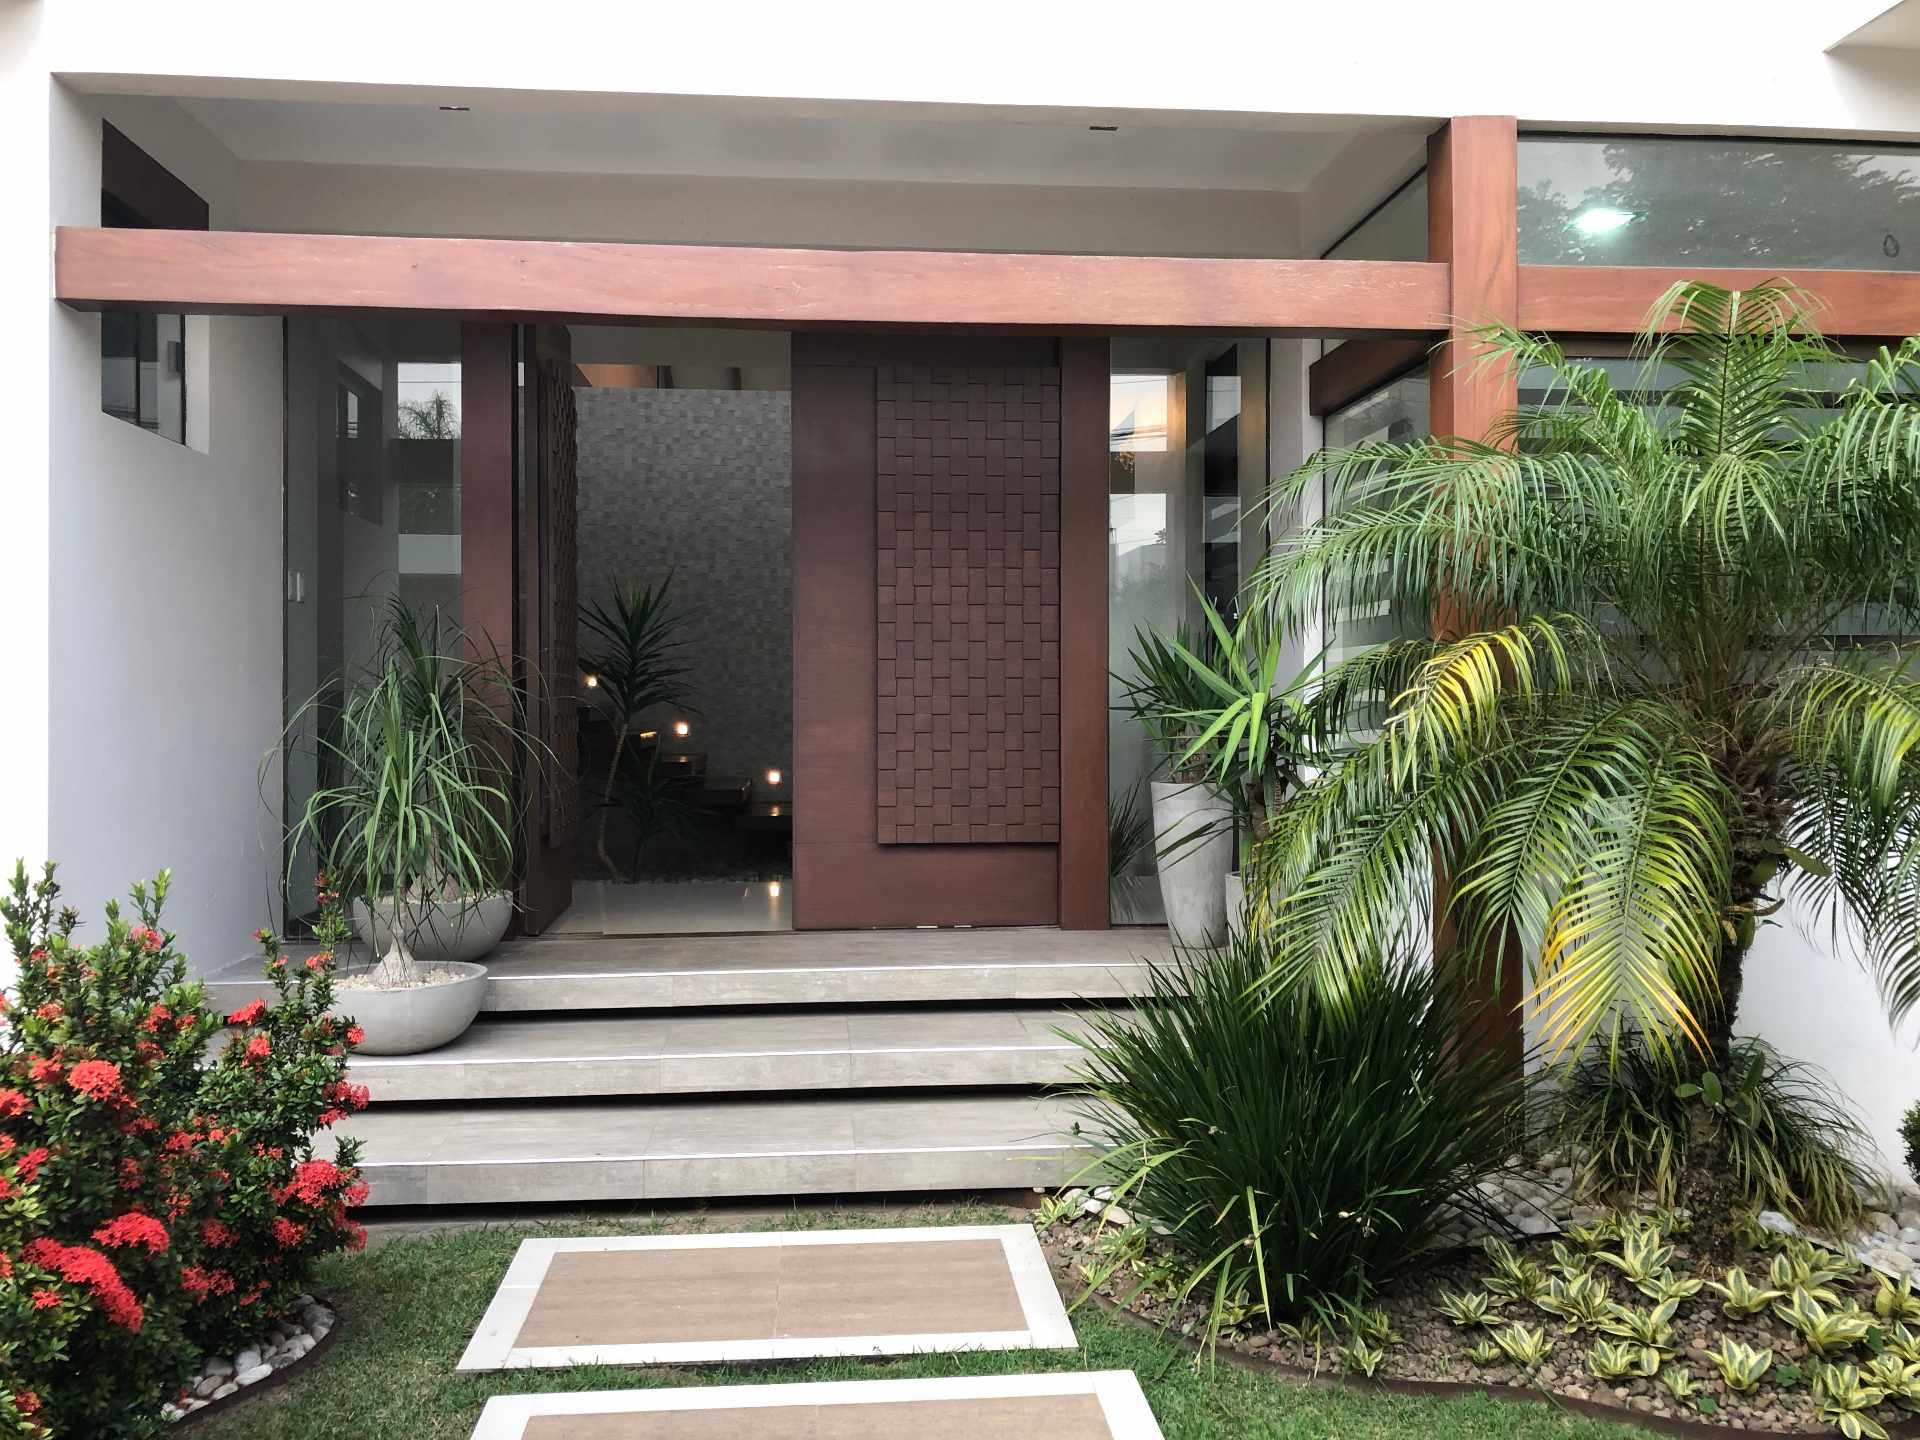 Casa en Venta CASA EN VENTA ZONA AV. SAN AURELIO Y BARRANCA Foto 3